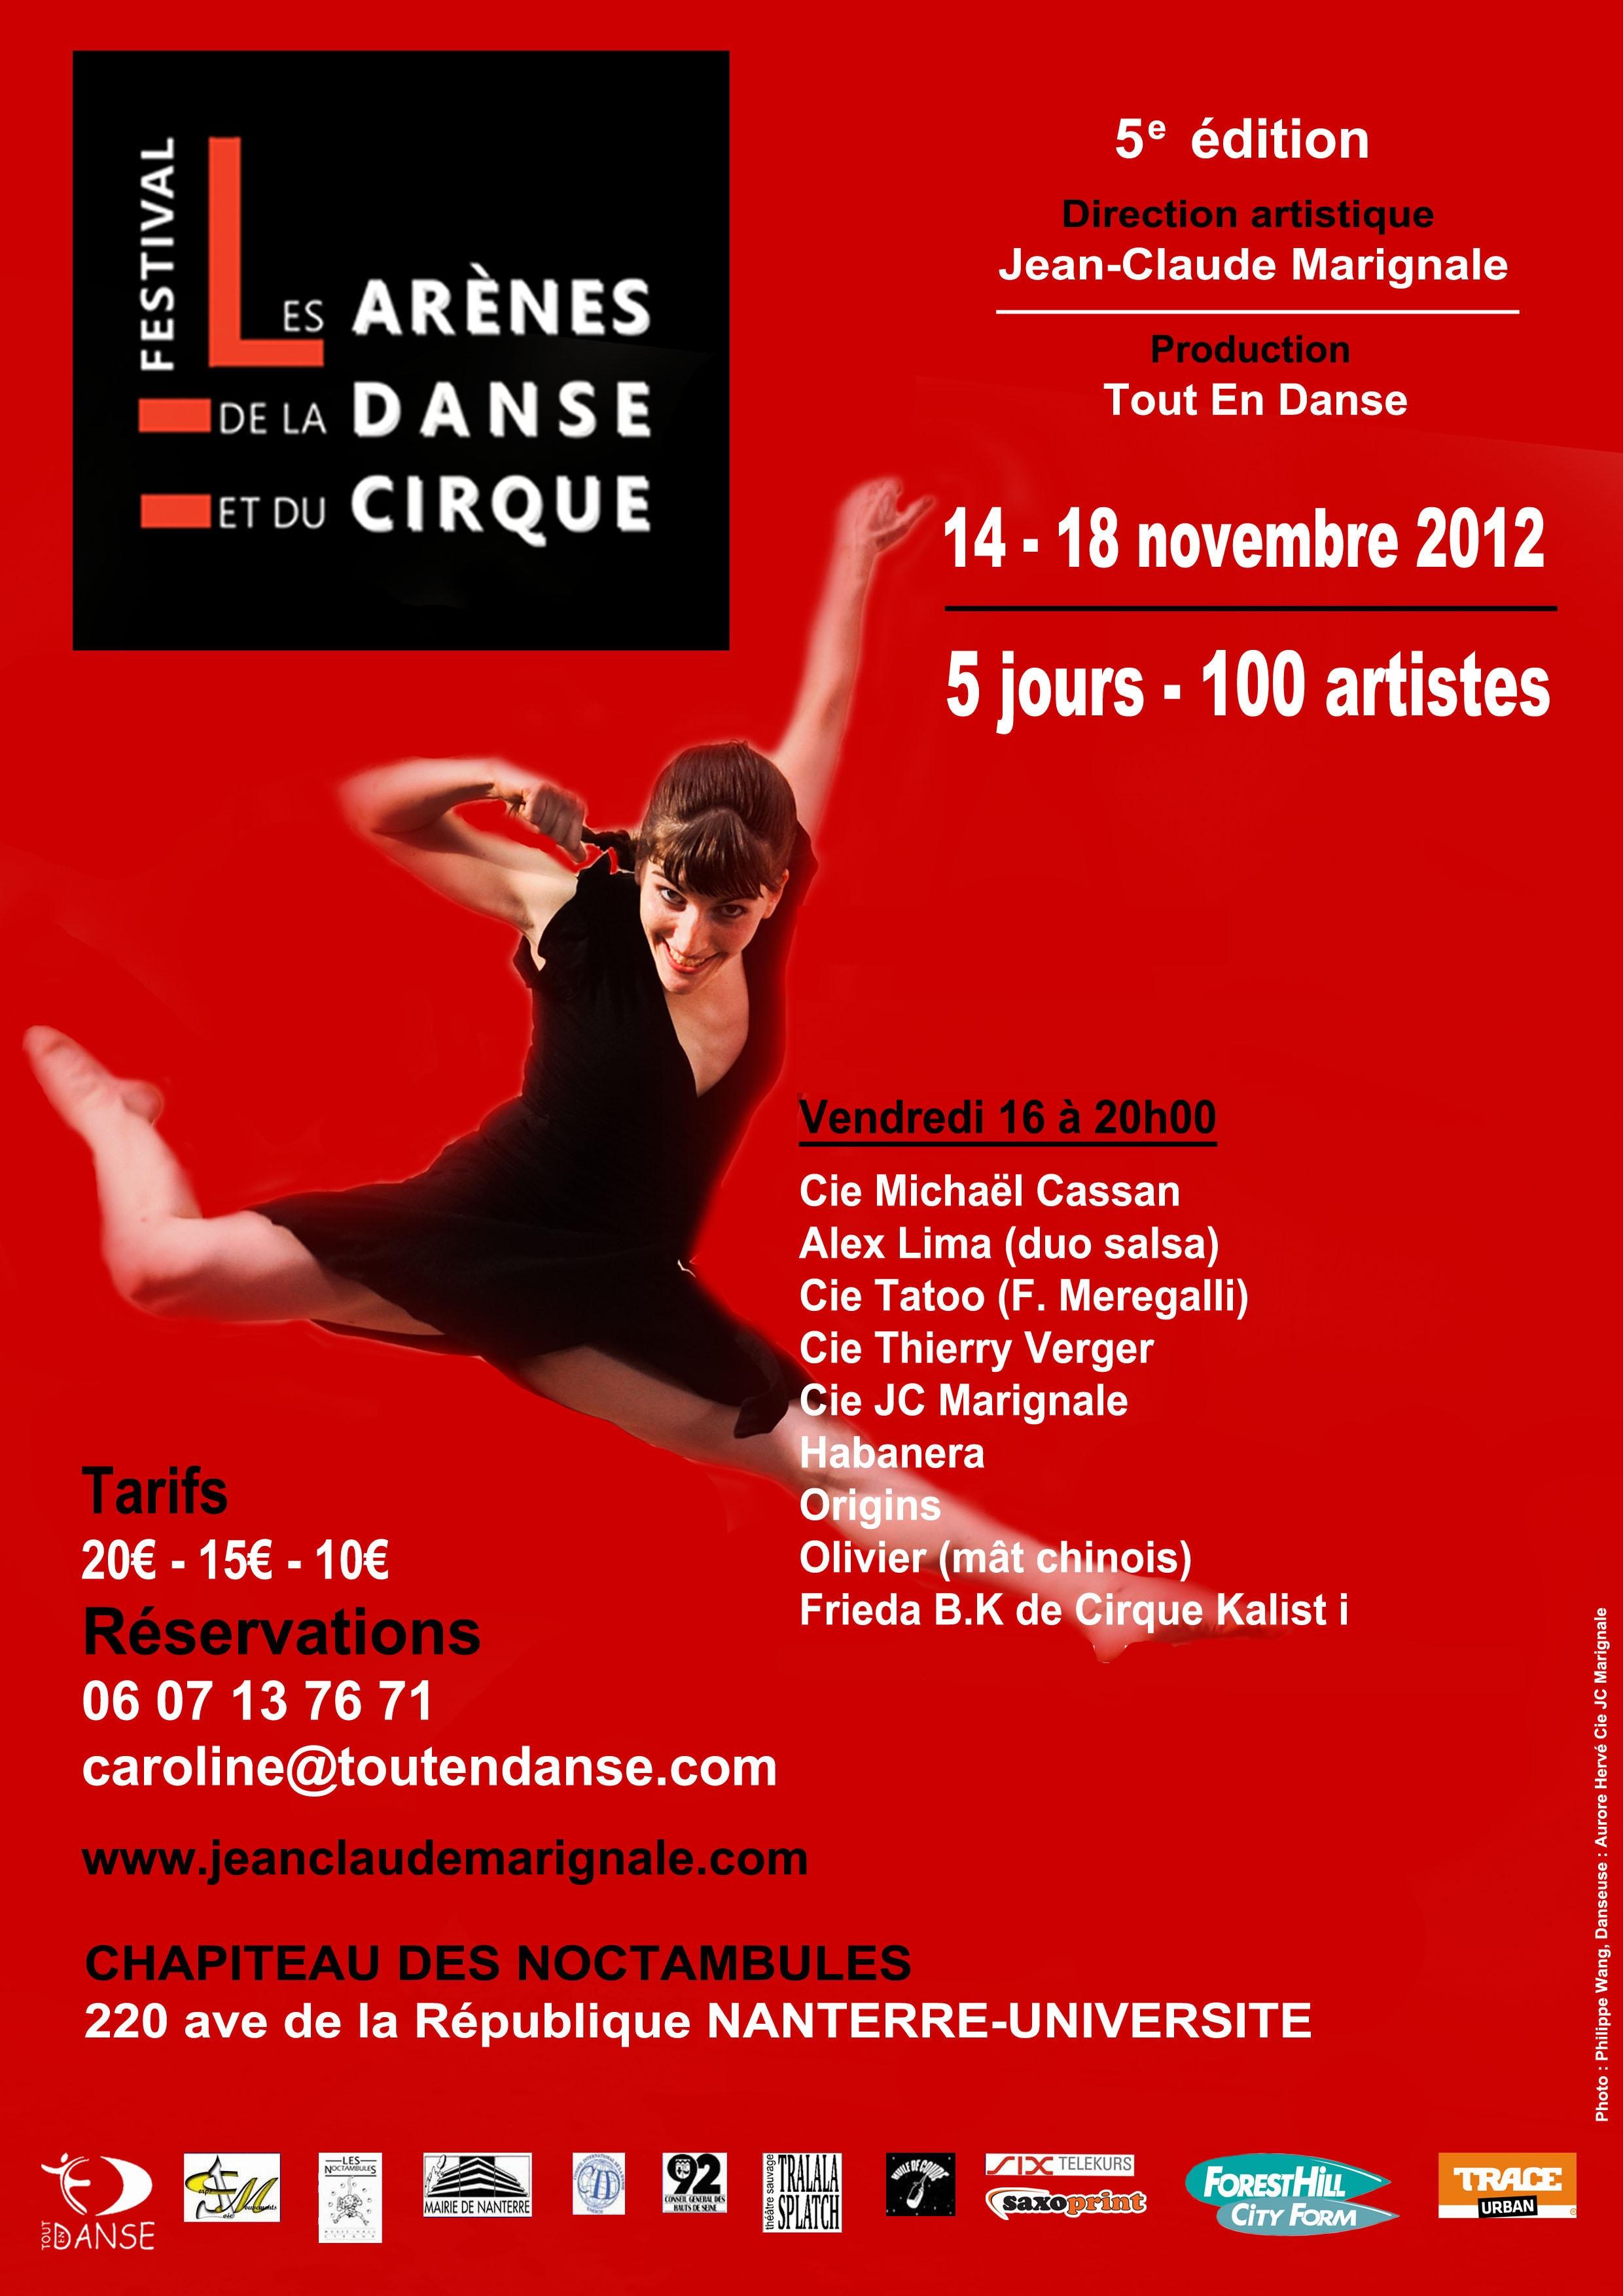 affiche-festival-12-aurore-flyers-p1-16-11-12-t.jpg